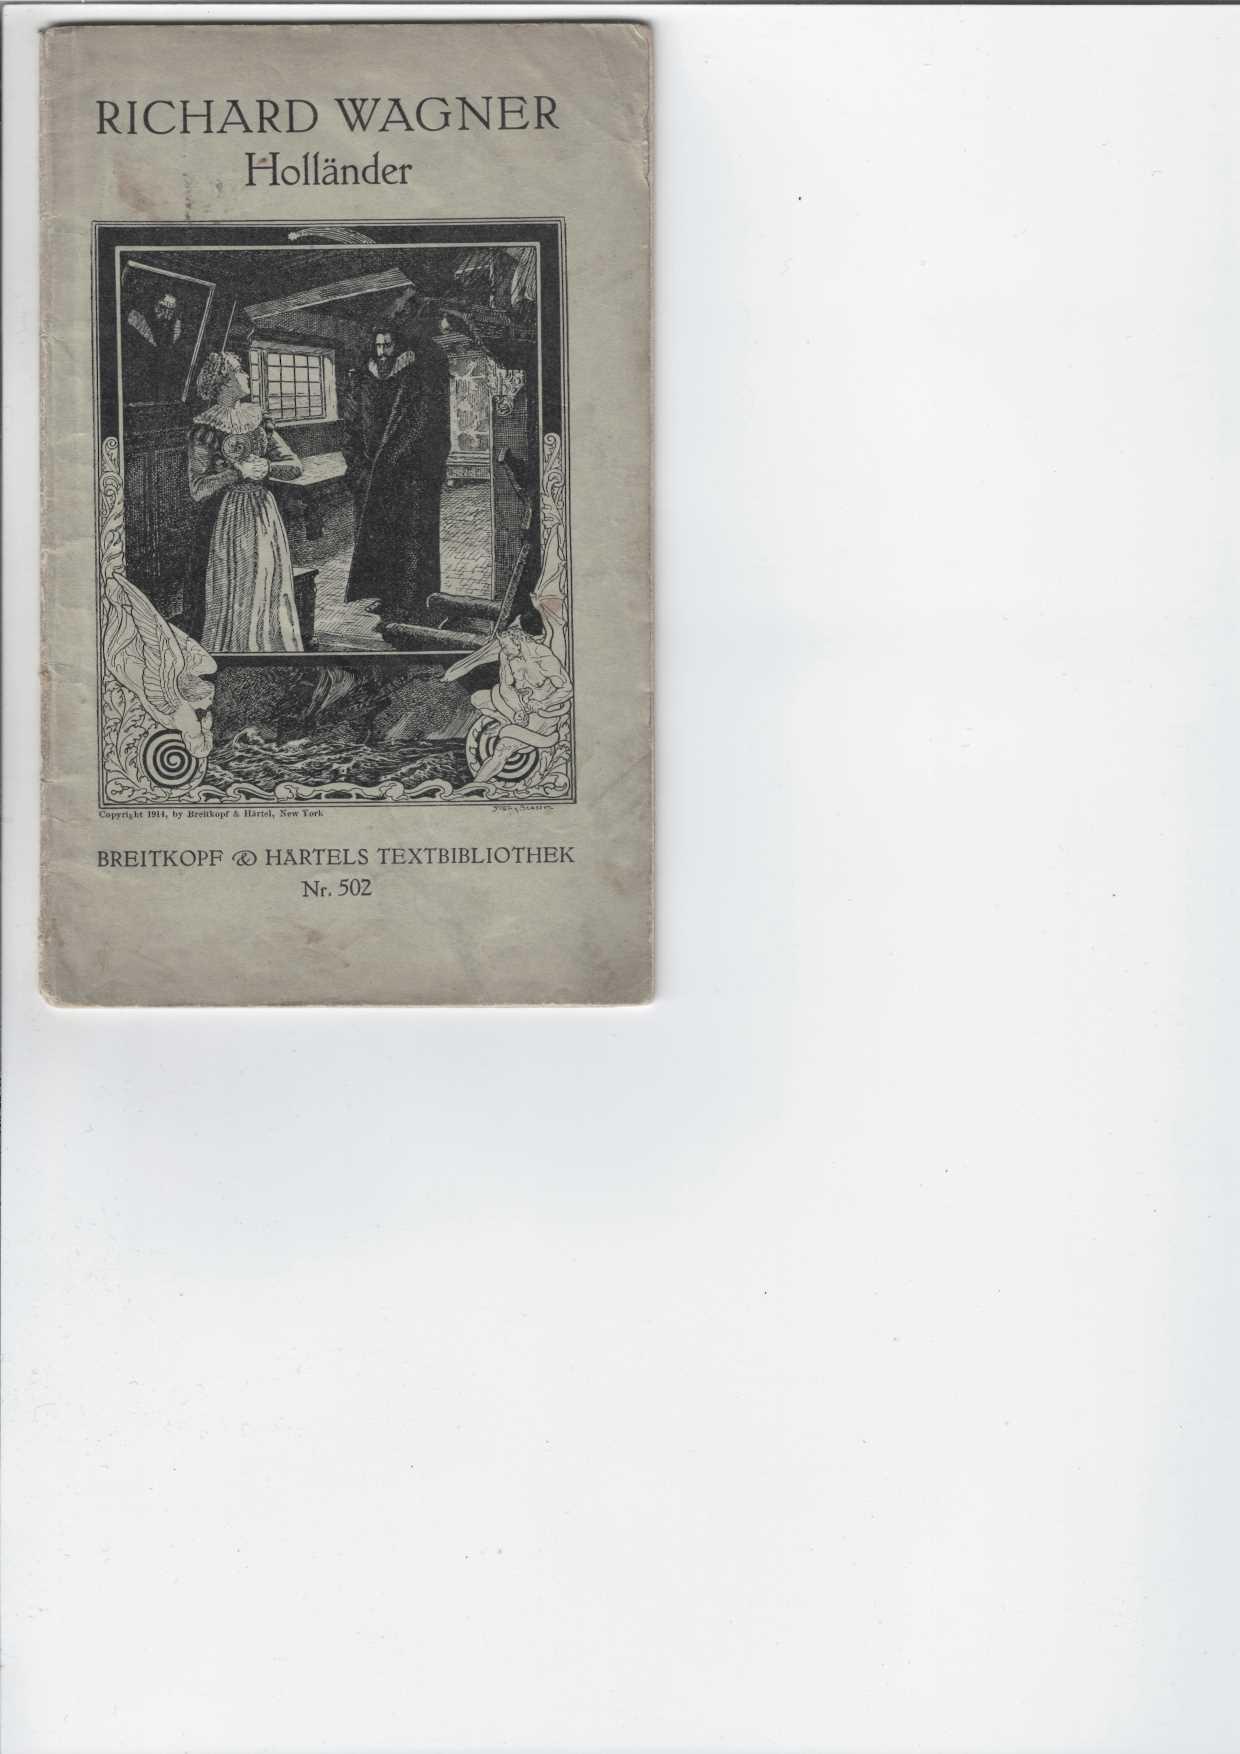 Wagner, Richard: Holländer. Romantische Oper in drei Aufzügen. Breitkopf & Härtels Textbibliothek Nr. 502. Mit einer Einleitung von Carl Waack. Textbuch.